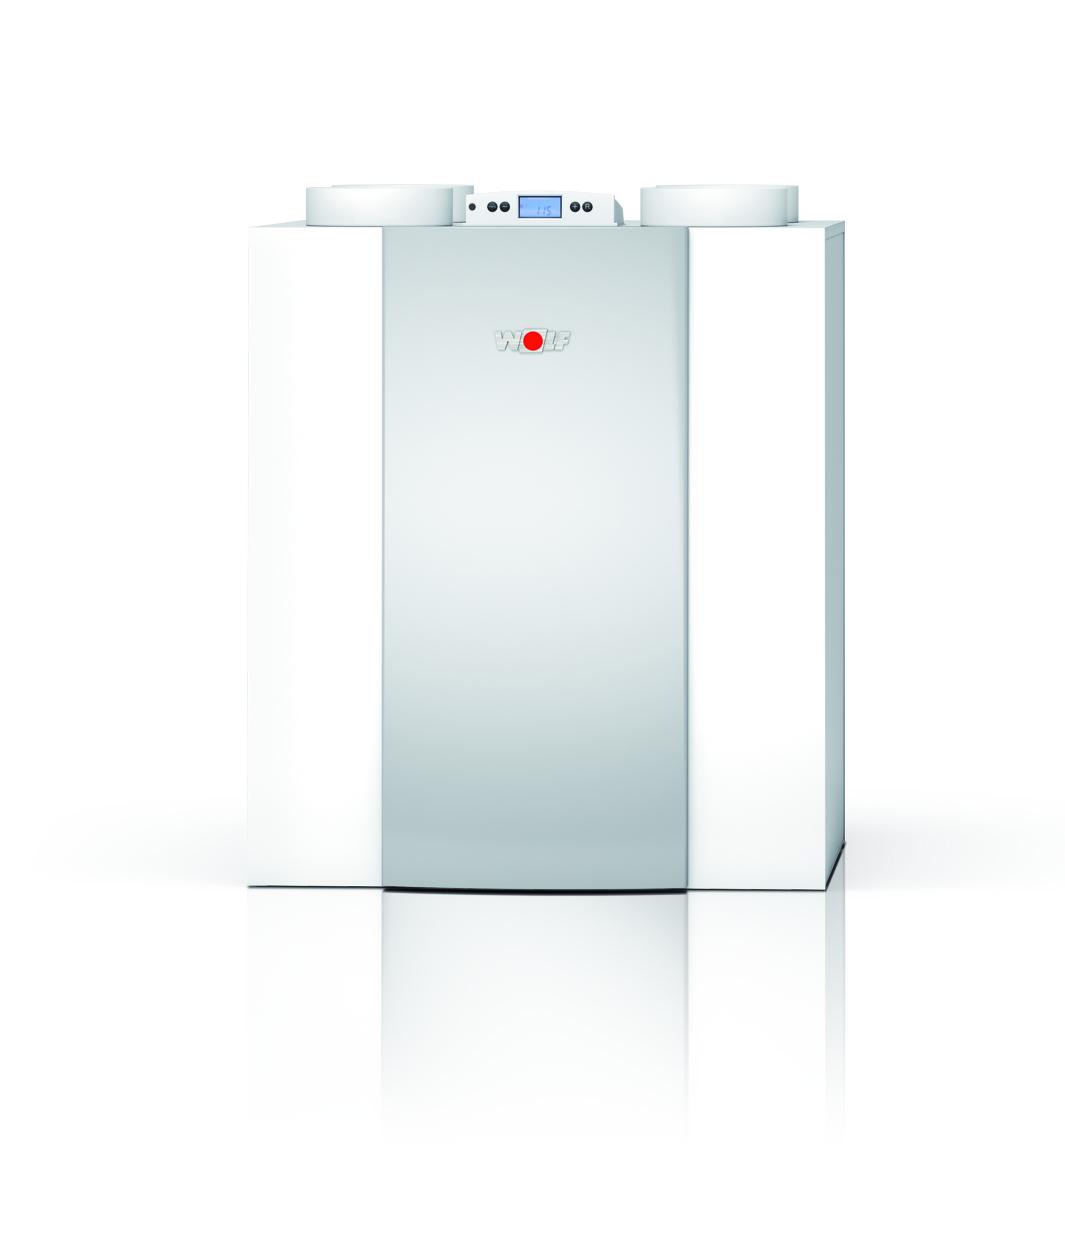 Вентиляционная система CWL EXCELLENT с автоматическим управлением